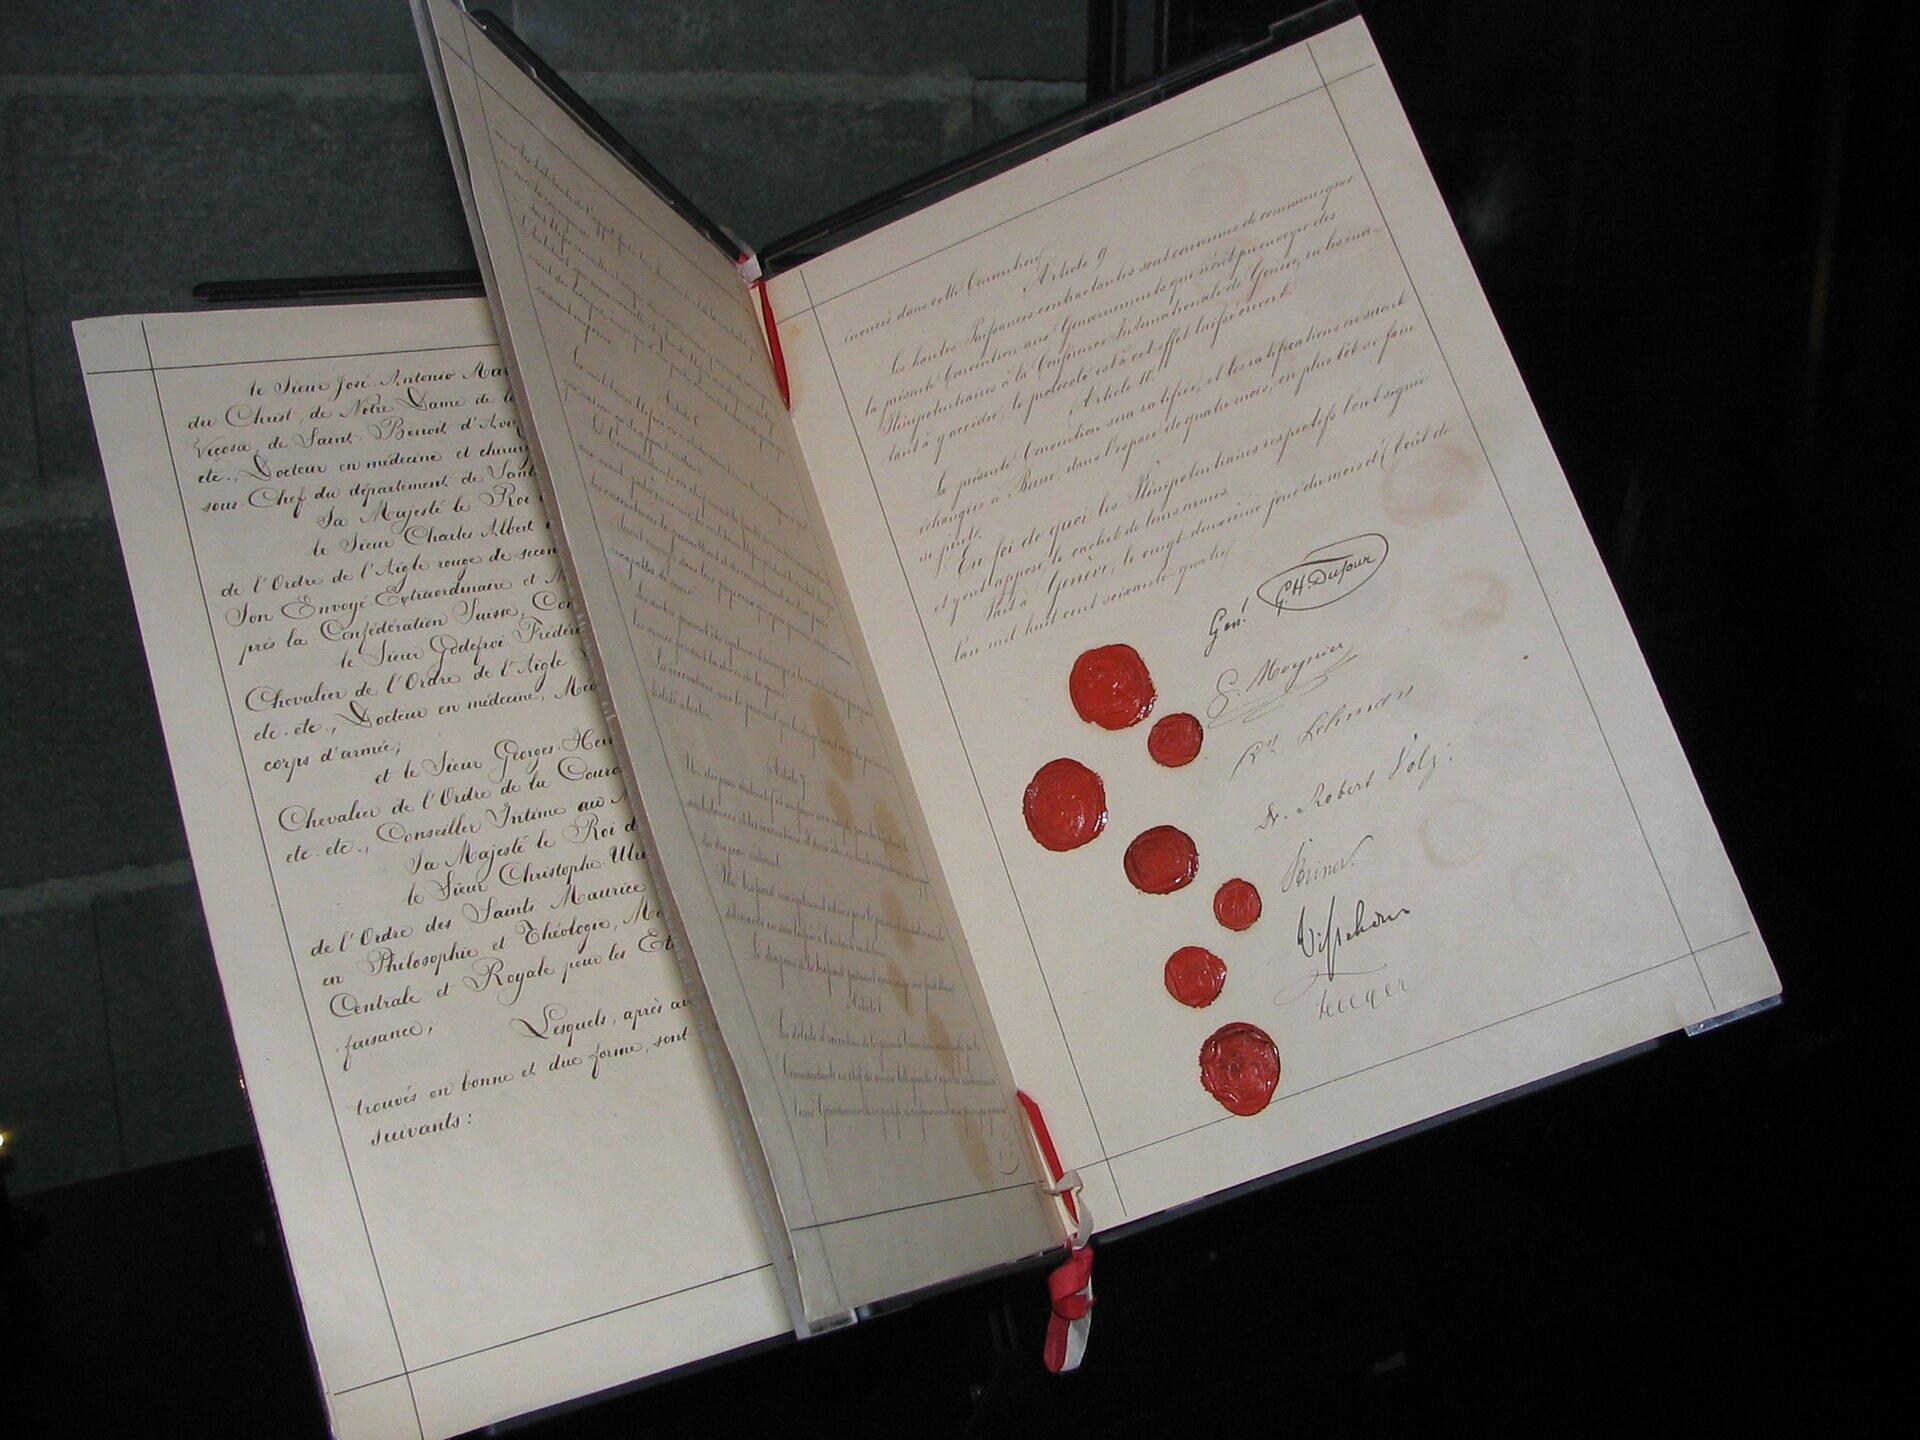 Oryginalny dokument pierwszej konwencji genewskiej, 1864 Źródło: Kevin Quinn, Oryginalny dokument pierwszej konwencji genewskiej, 1864, licencja: CC BY 2.0.